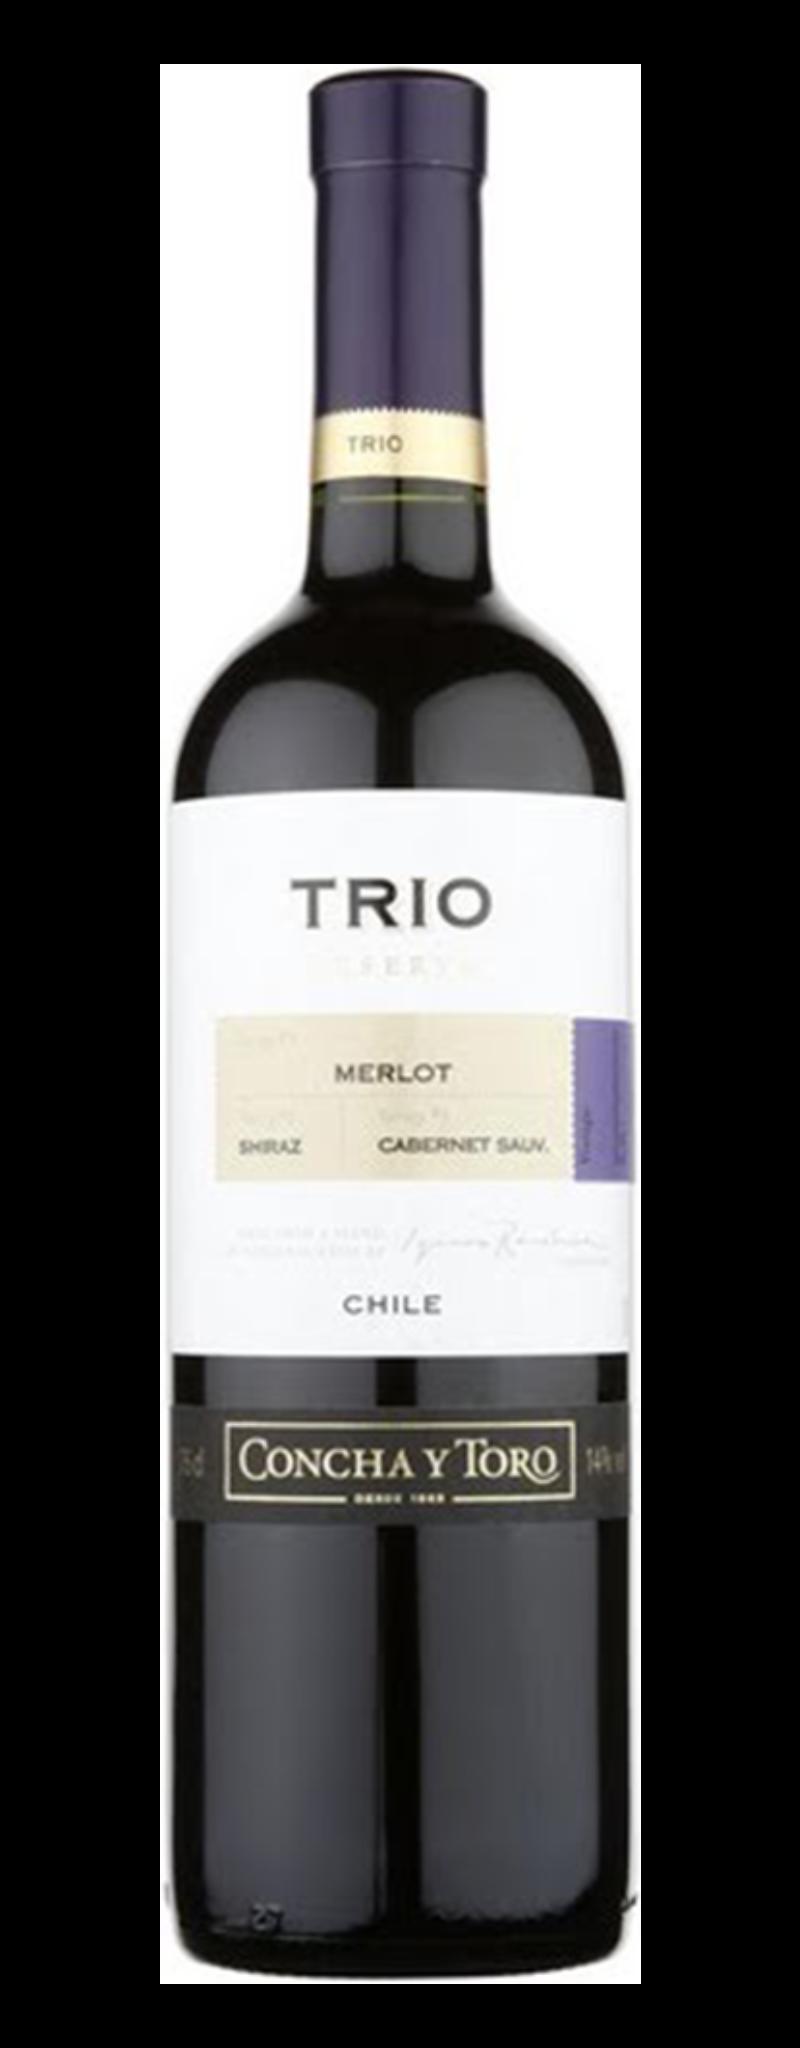 Concha Y Toro, Trio Reserva Merlot/Carmenere/Cabernet Sauvignon, Rapel Valley  - 750ml